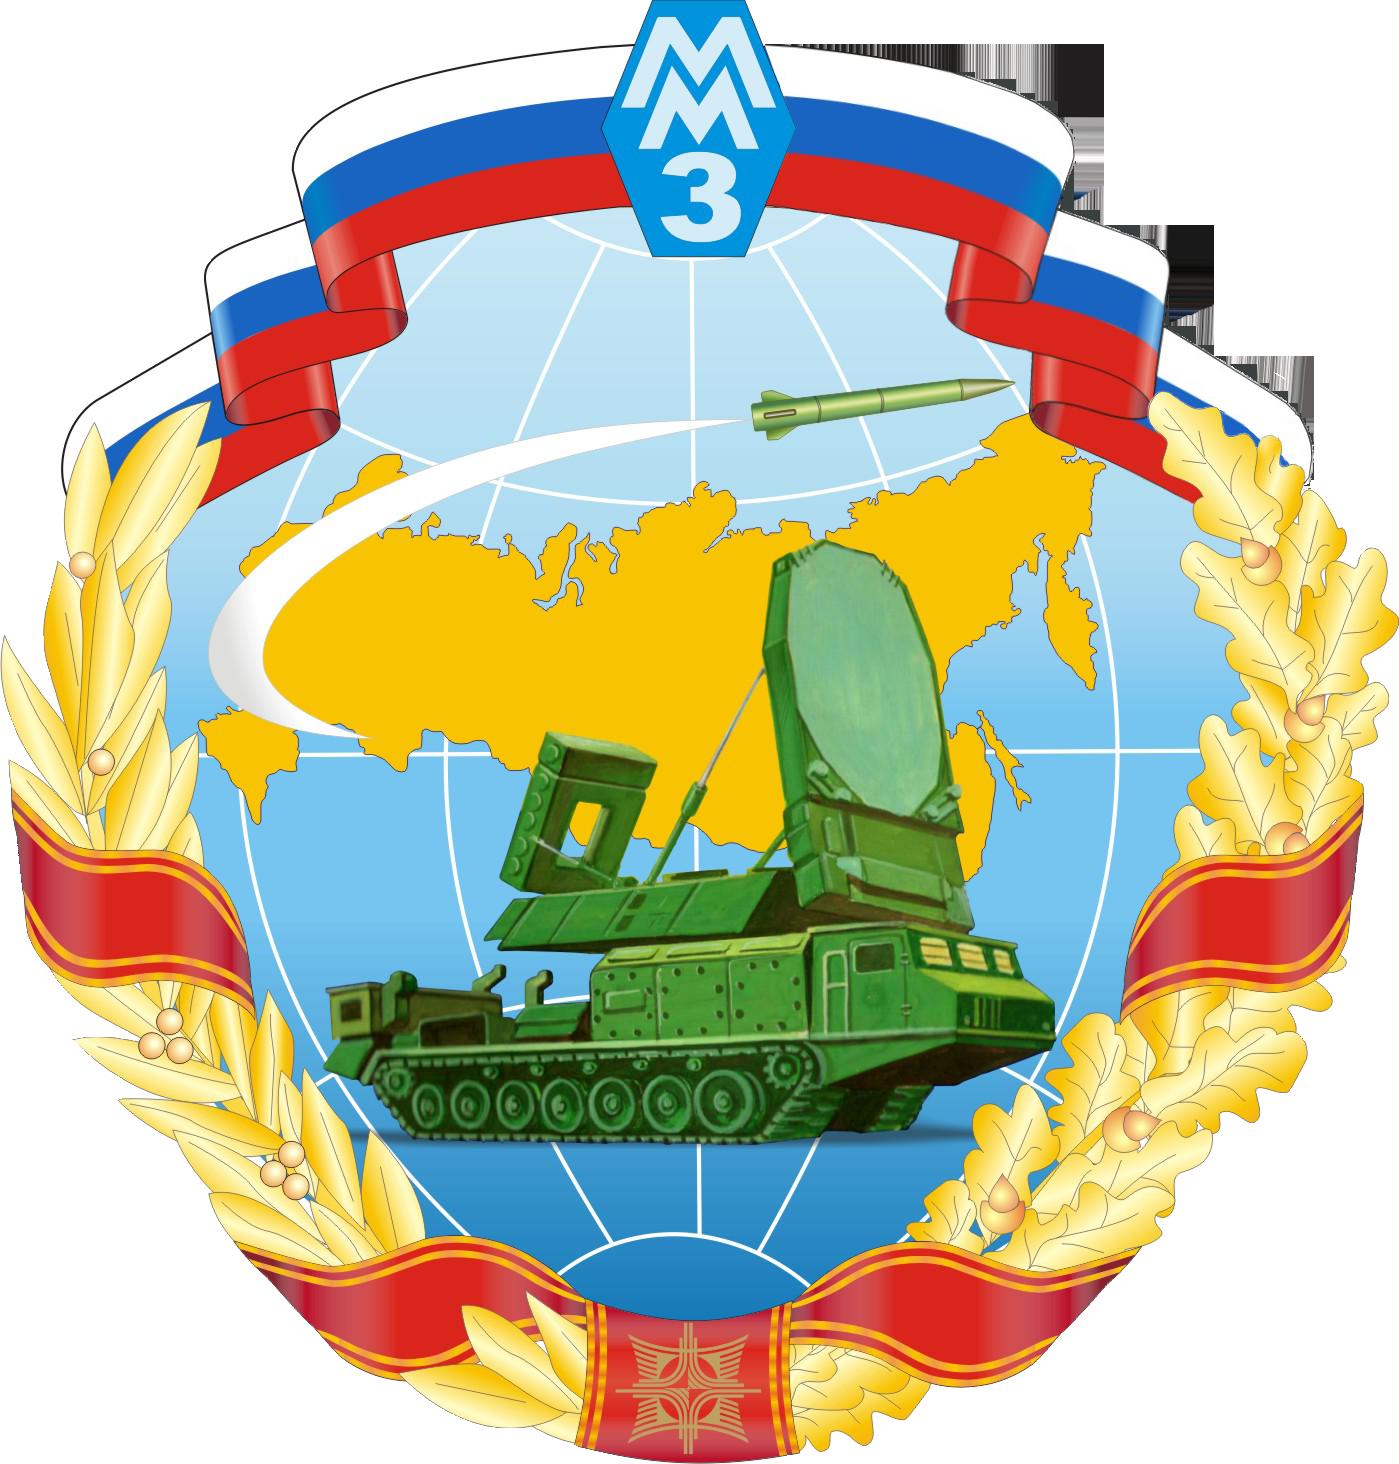 Яндекс Дзен для бизнеса - результаты продвижения завода сельхозтехники